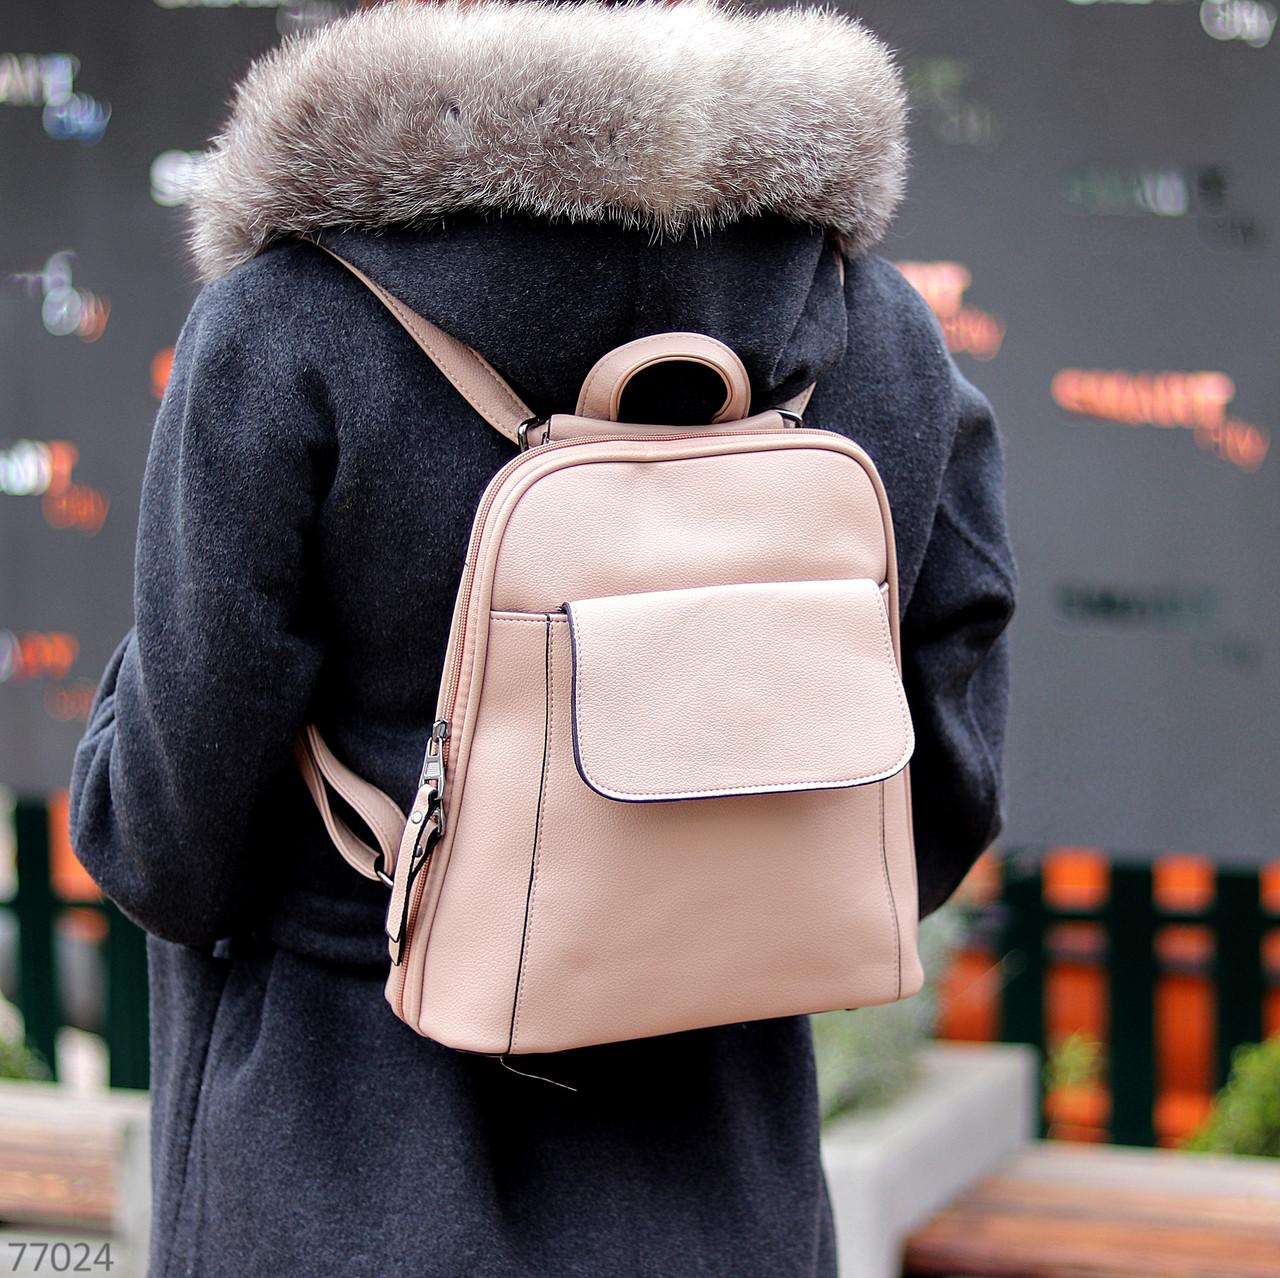 Городская бежевая женская Сумка-Рюкзак трансформер длинный ремешок регулируется